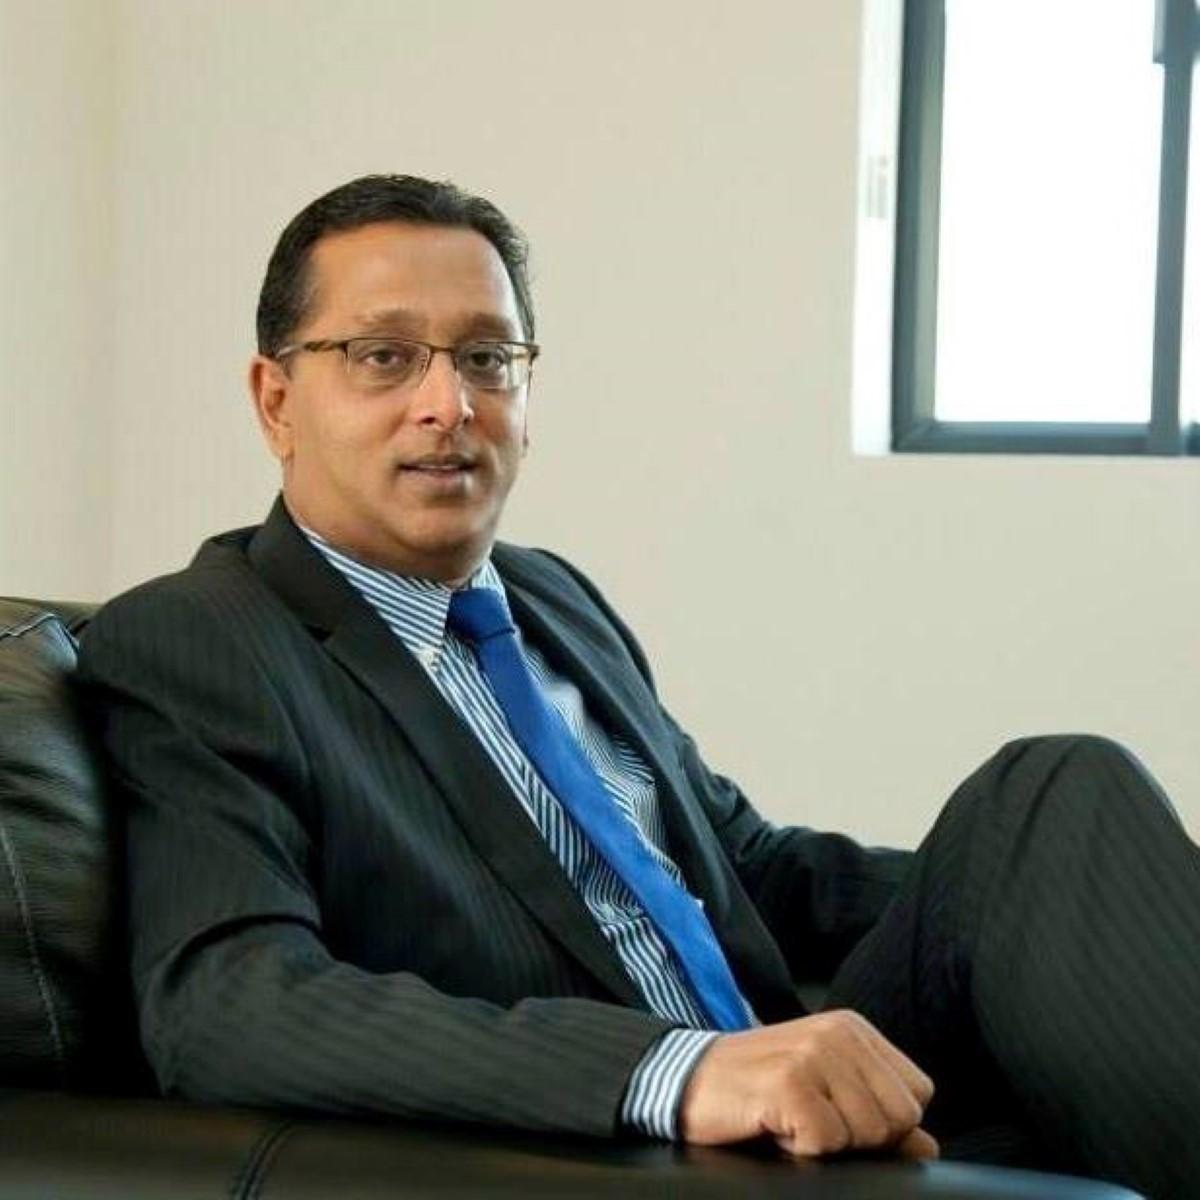 Bhadain veut au moins 1 000 tests par district avant toute décision sur le confinement